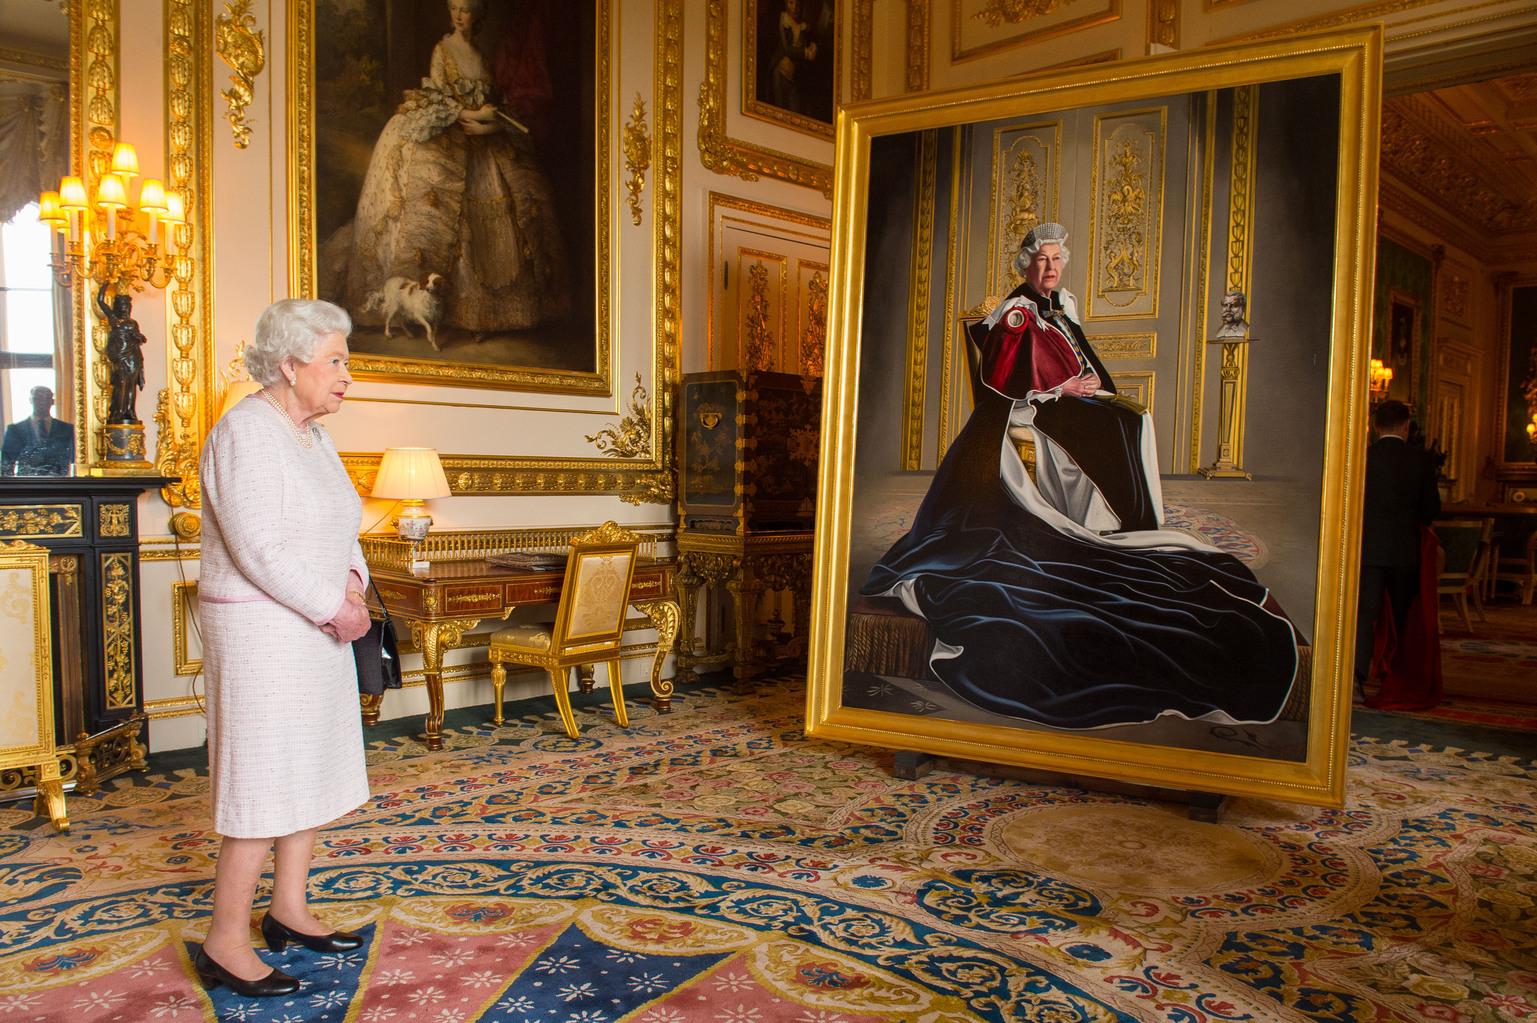 II. Erzsébet a róla készült portré előtt a Windsor kastélyban. Fotó: Rex Features